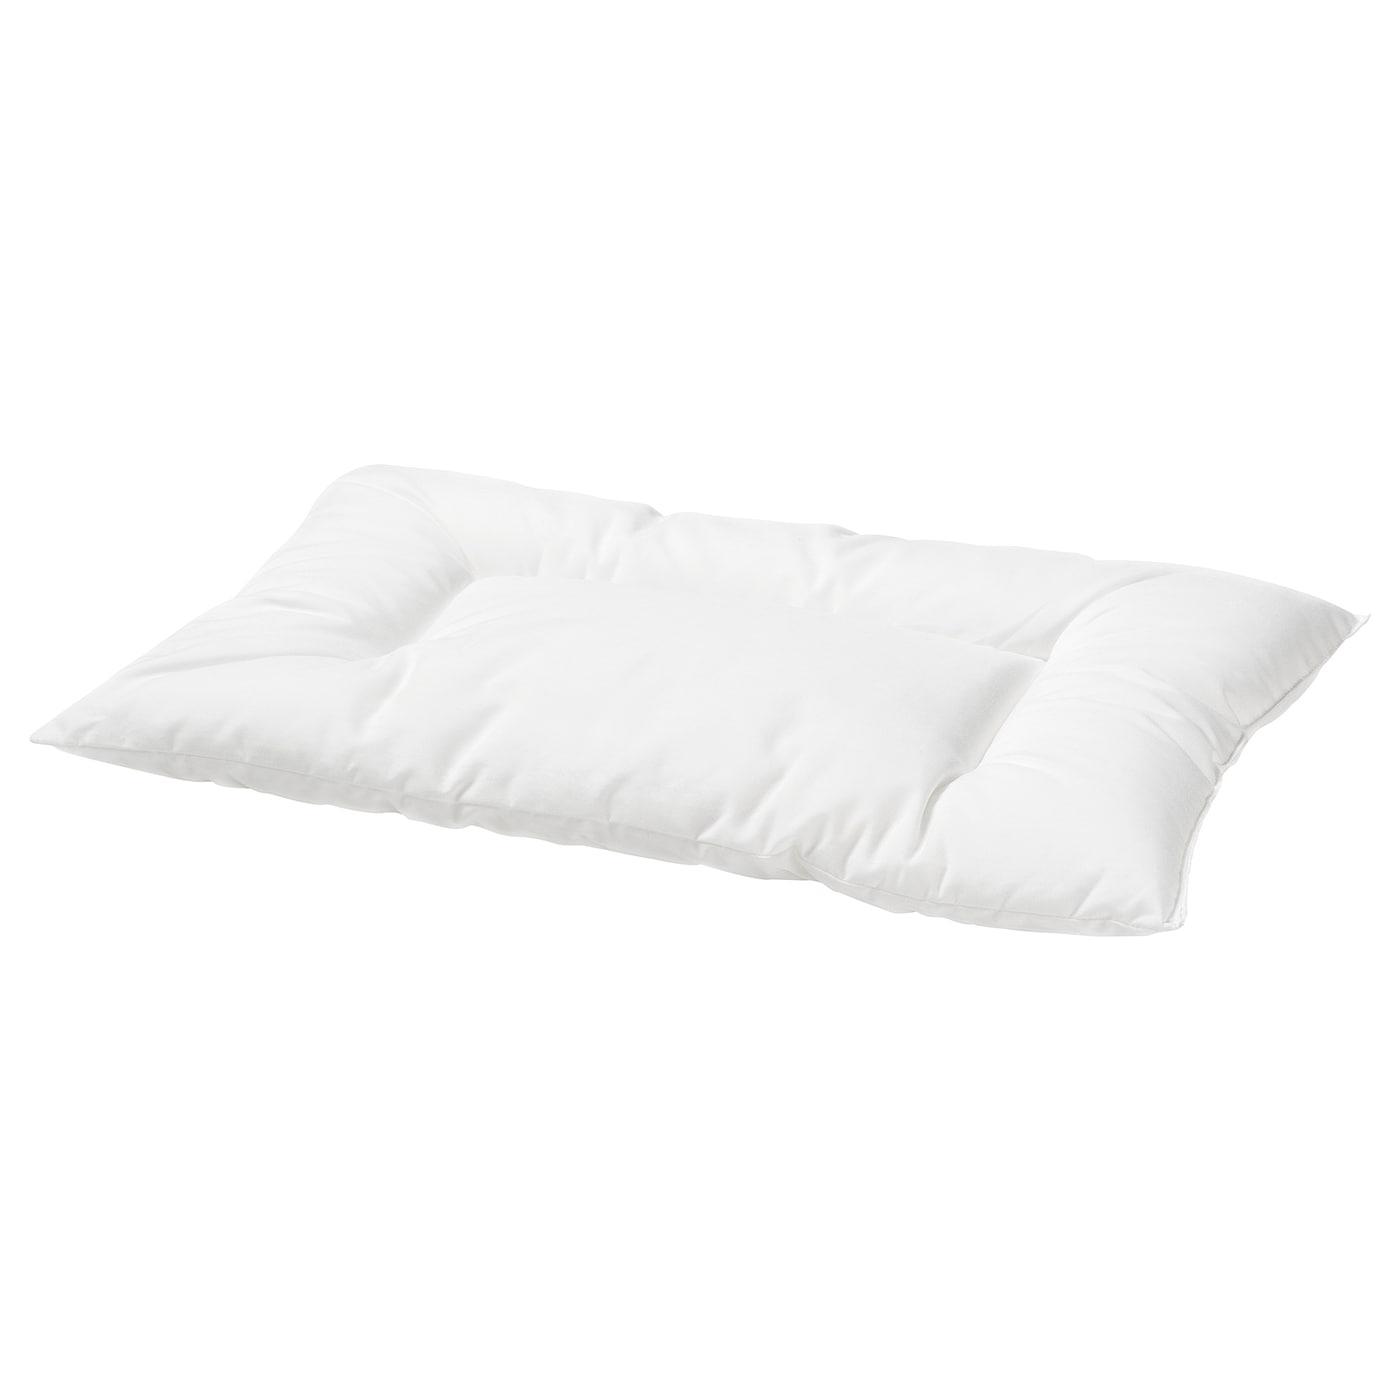 len tour de lit b b blanc 60 x 120 cm ikea. Black Bedroom Furniture Sets. Home Design Ideas